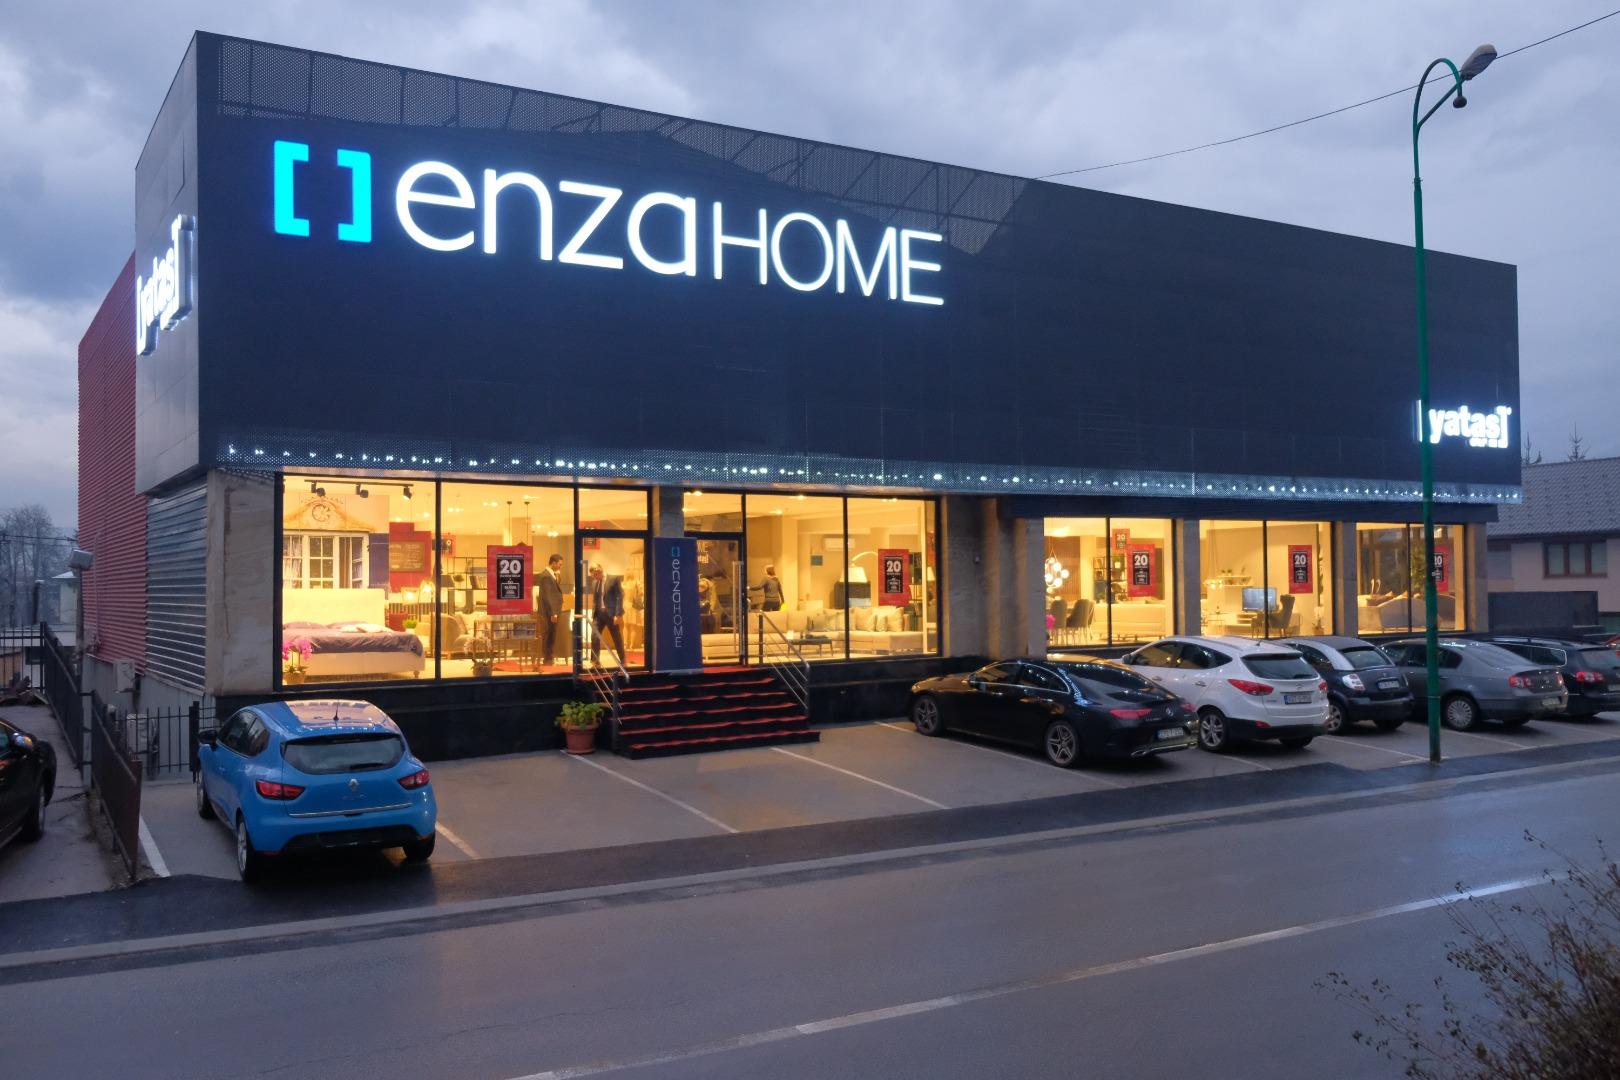 Yataş Grup Saraybosna'da ilk Enza Home mağazasını açtı